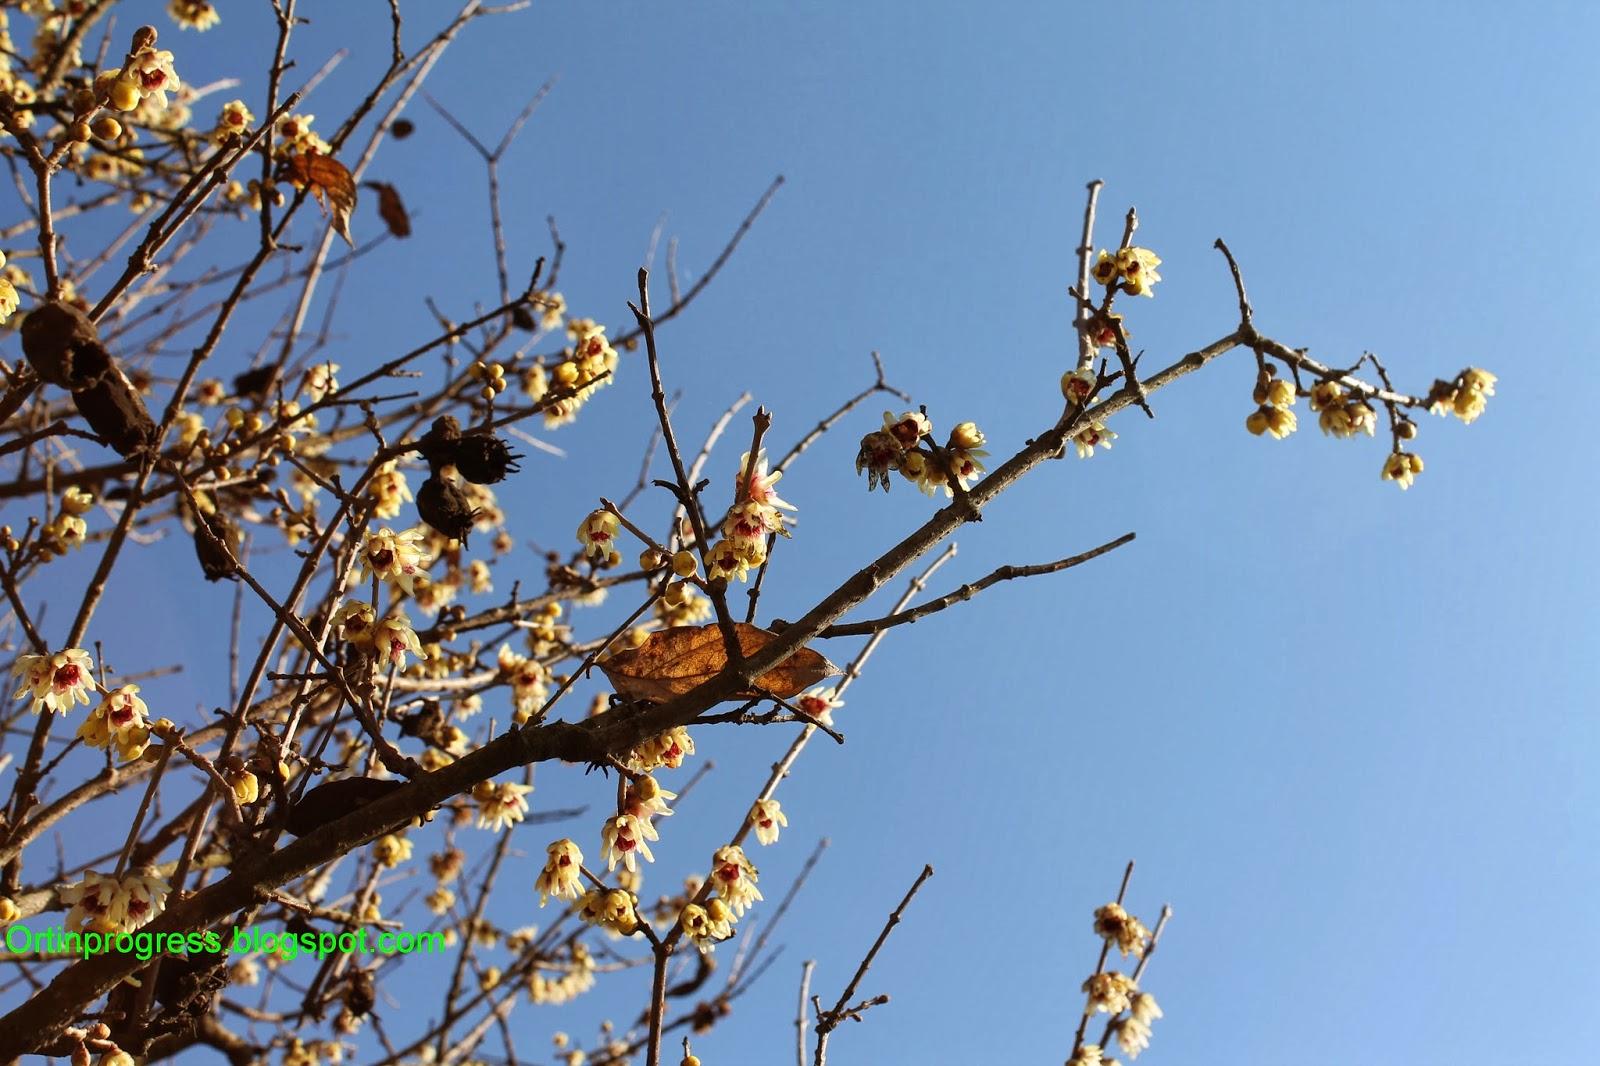 Calicanto Fiore D Inverno orti in progress: ultimi omaggi all'inverno: il pot-pourri